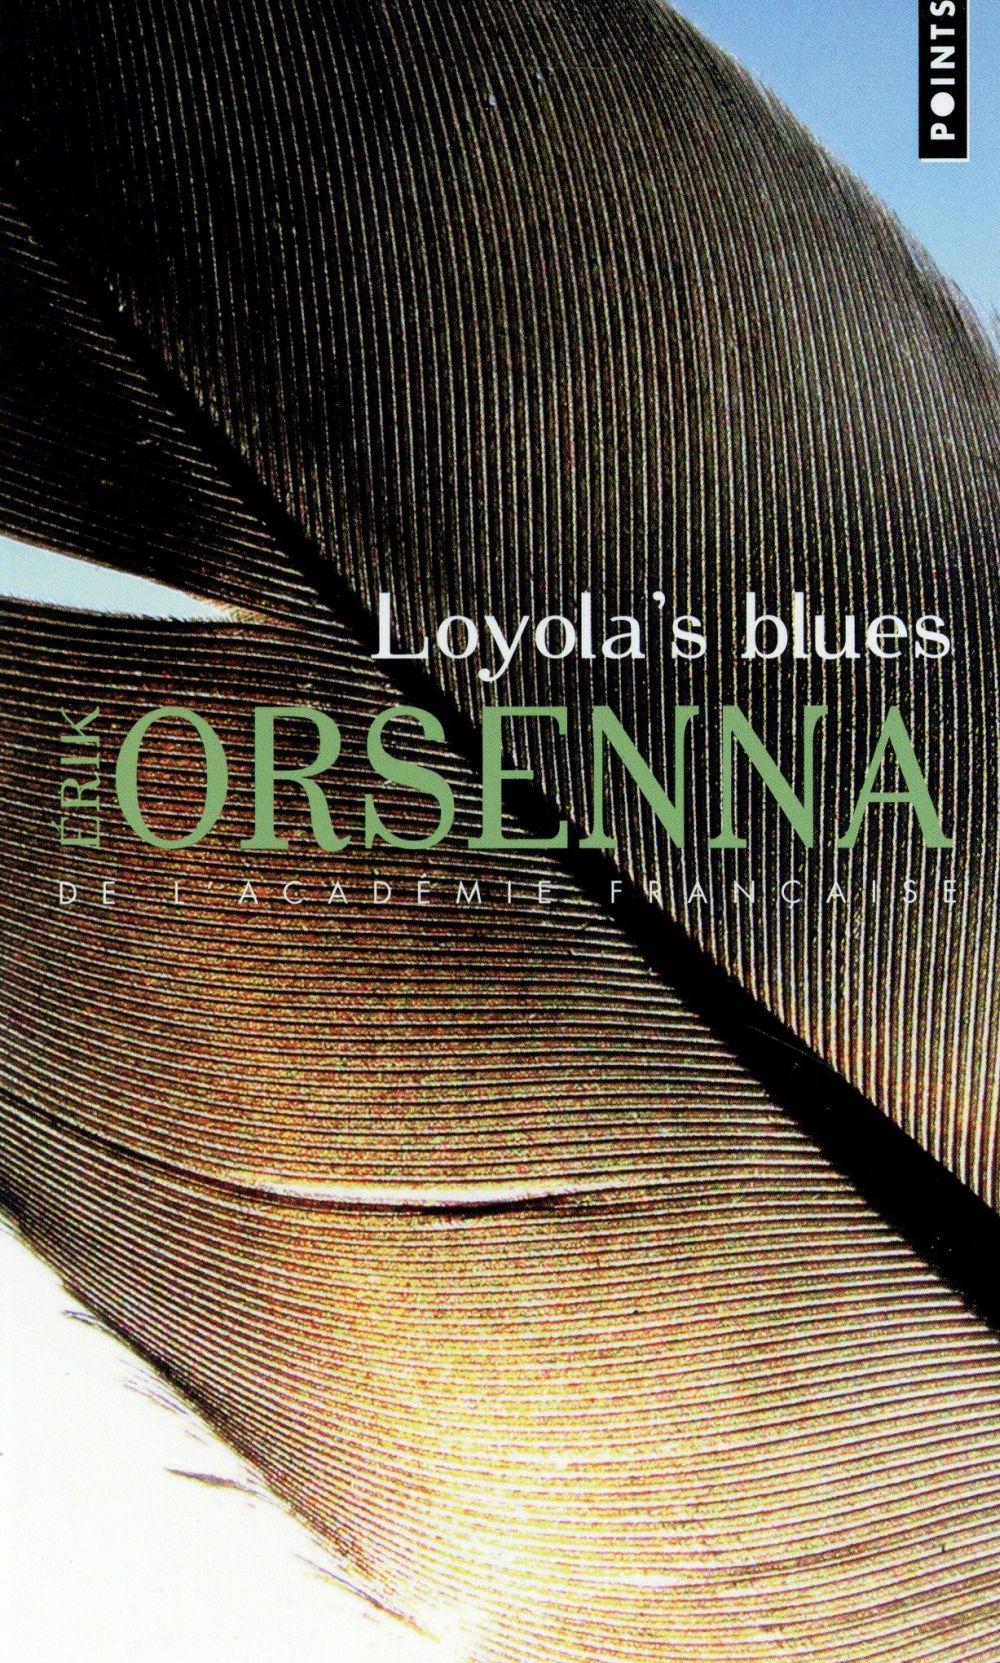 LOYOLA'S BLUES